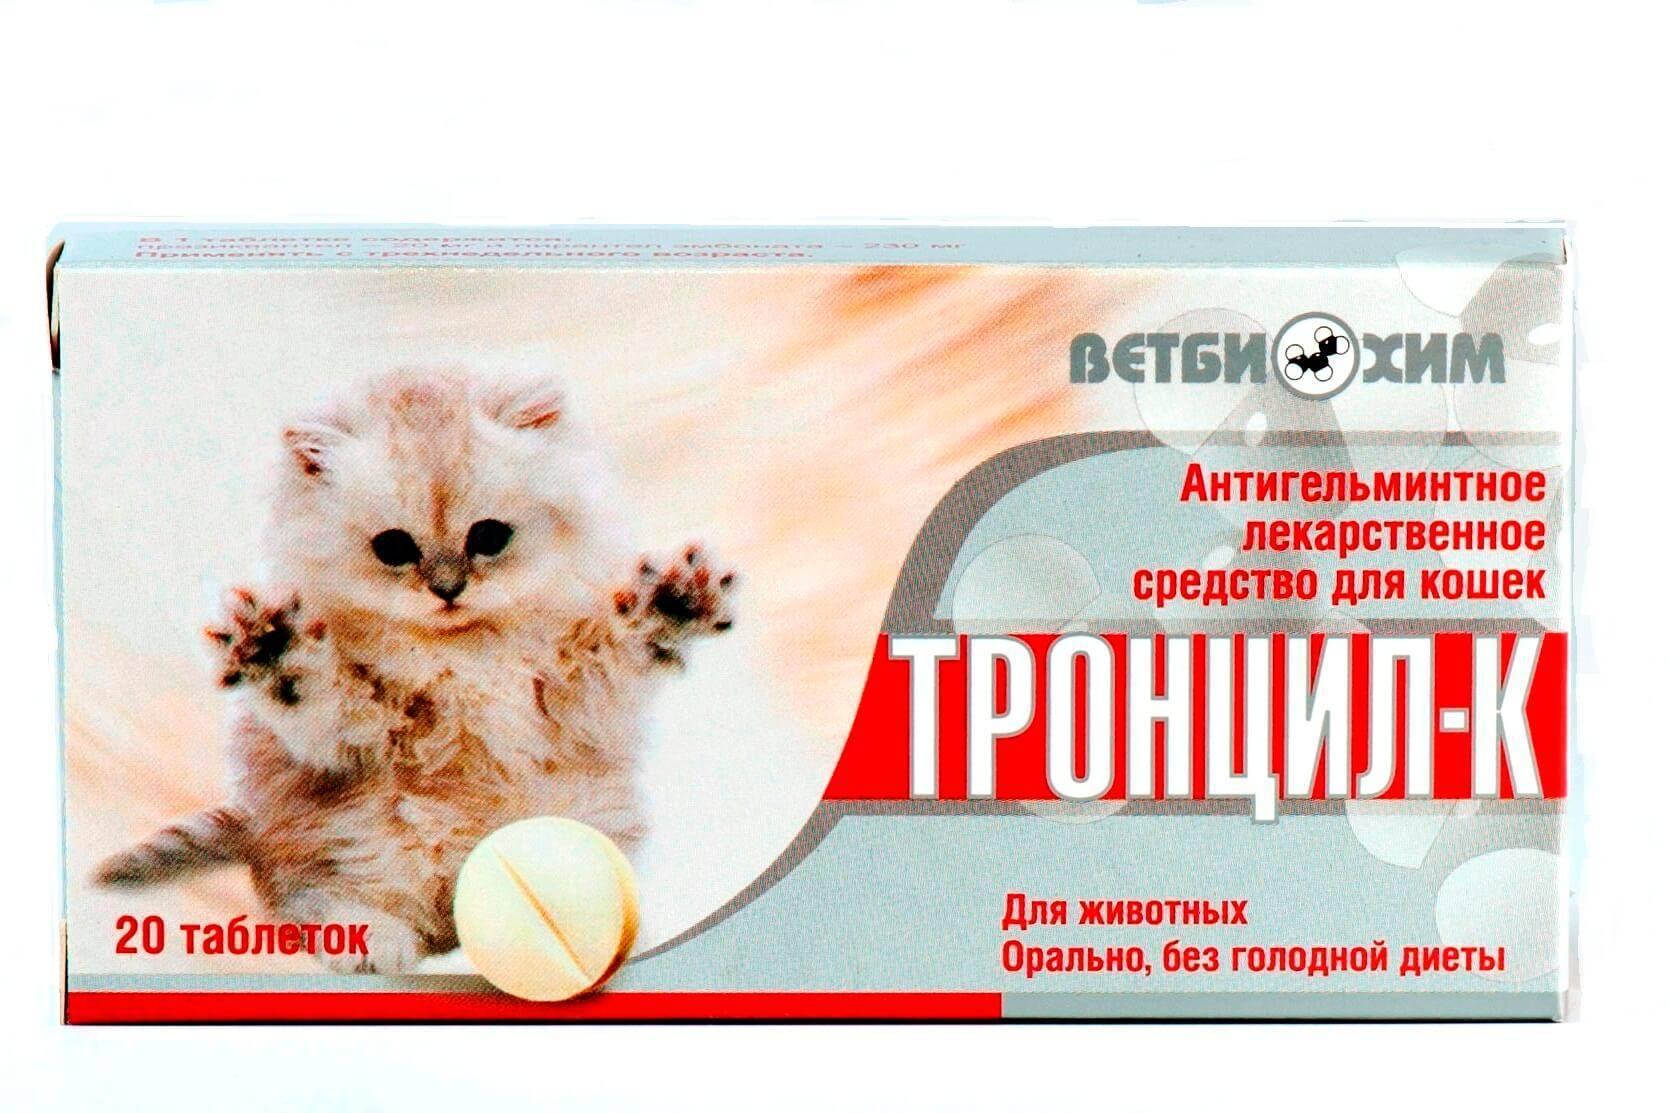 Тронцил-К для кошек: способ применения таблеток от глистов согласно инструкции